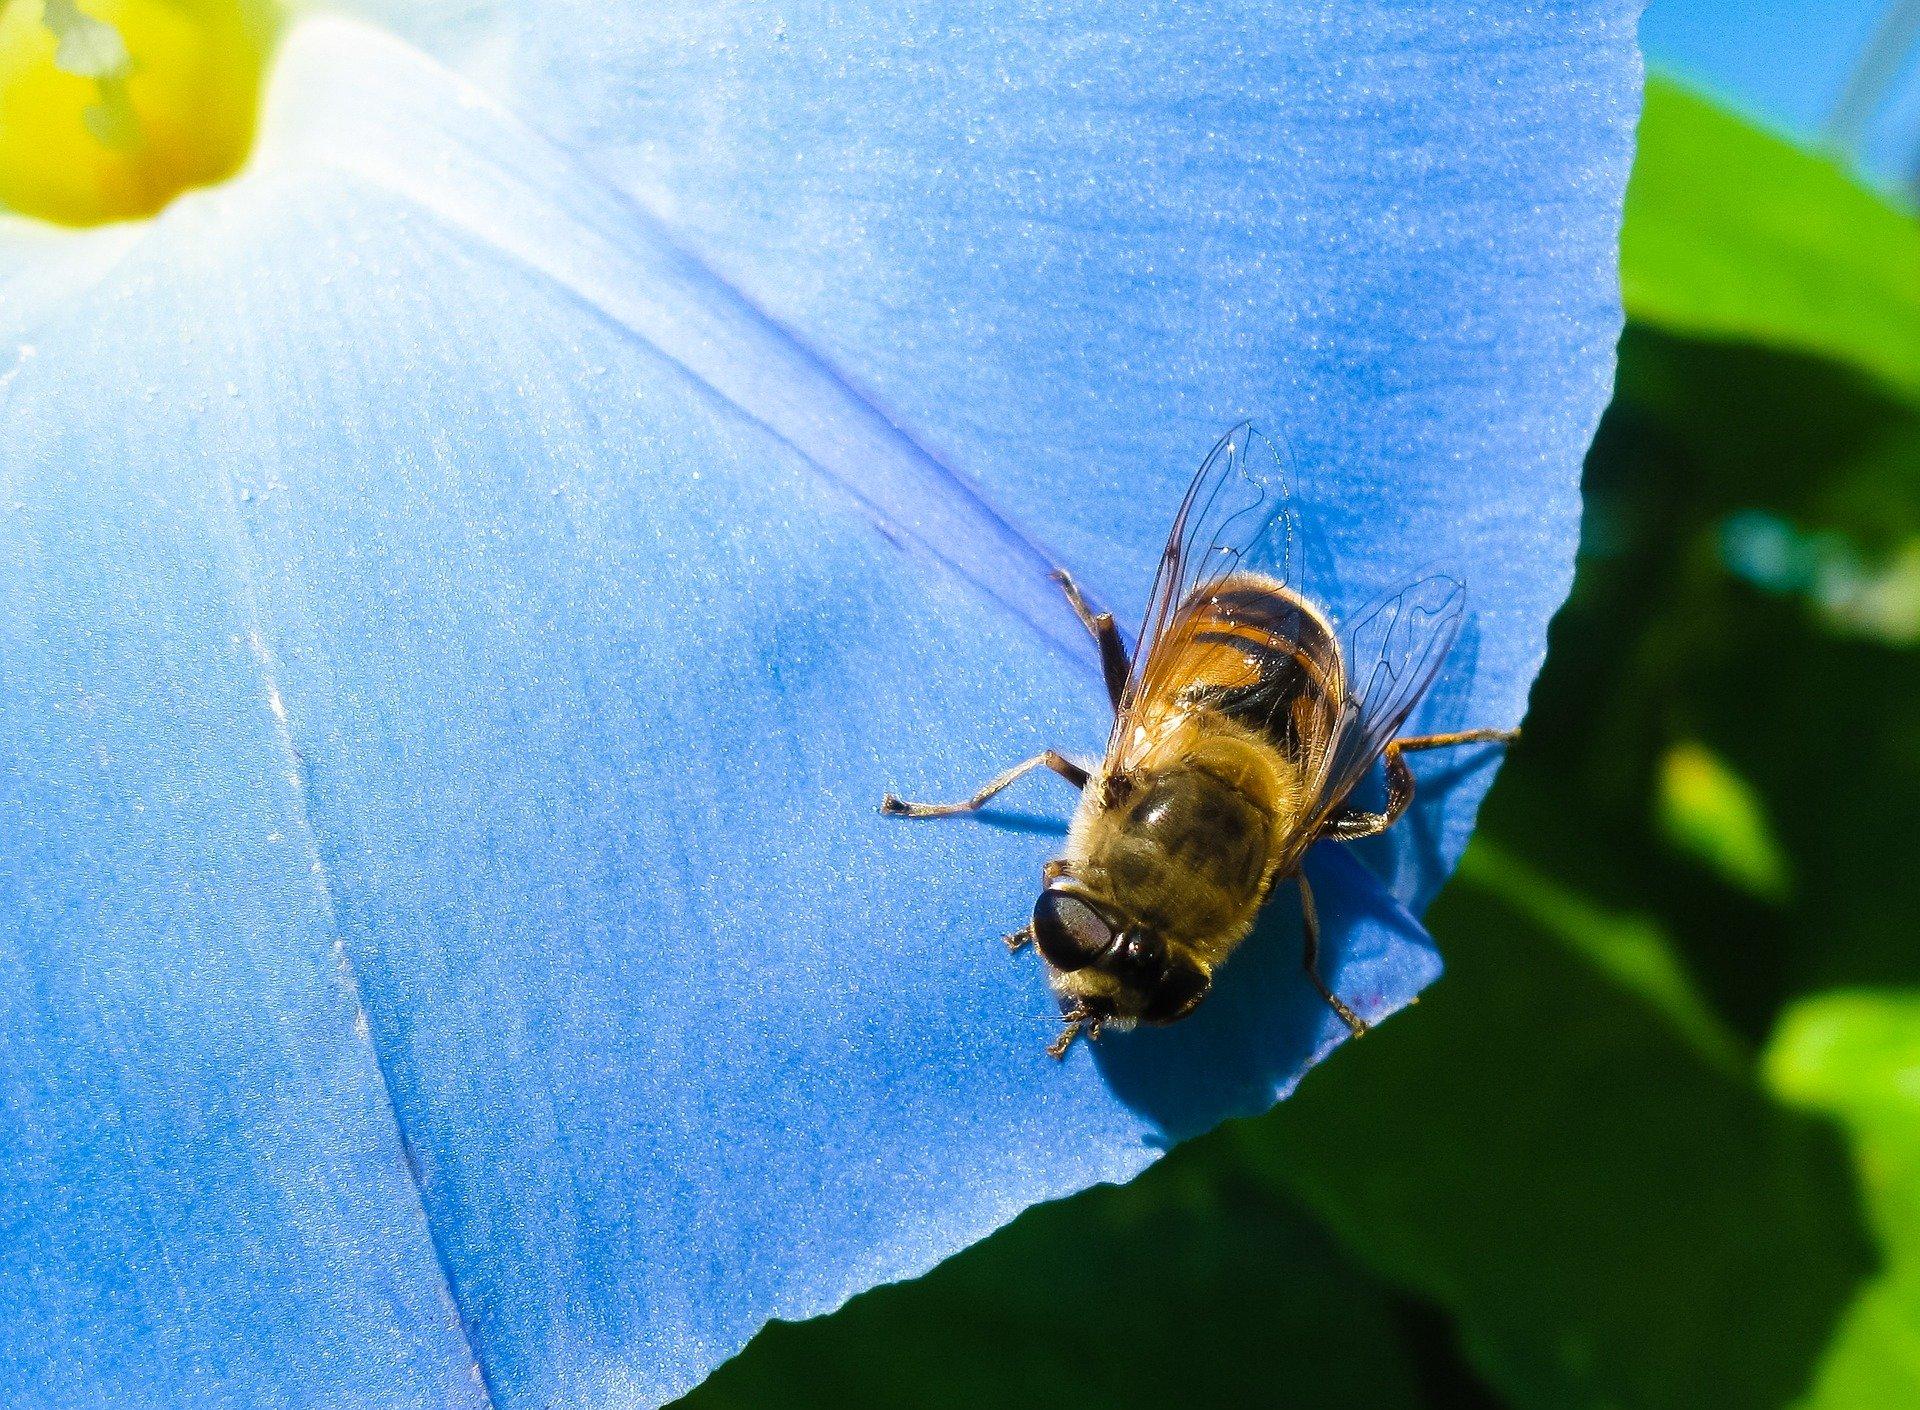 Μέλισσα, λουλούδι, έντομο, τα μάτια, ισόγειο - Wallpapers HD - Professor-falken.com